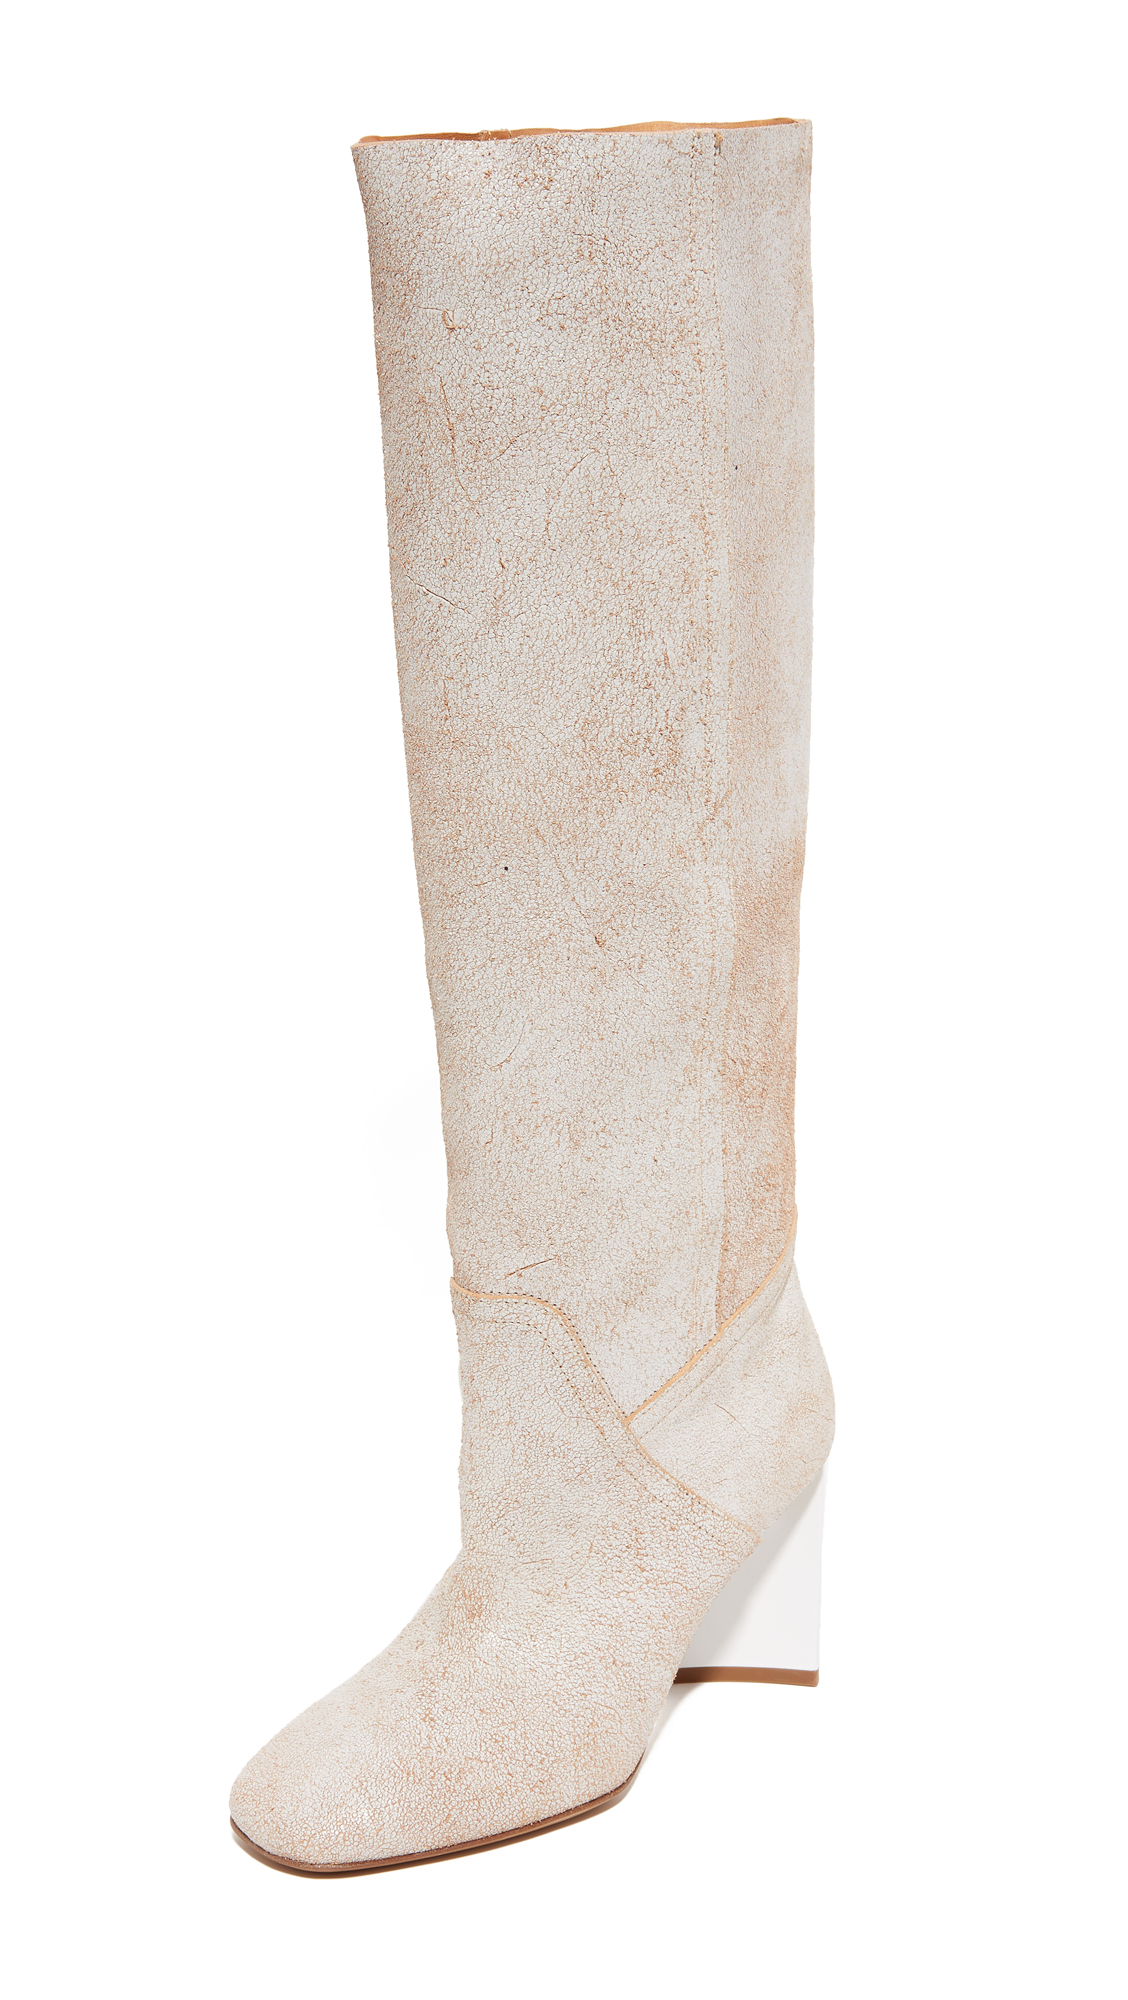 Maison Margiela Shaft Boots - White